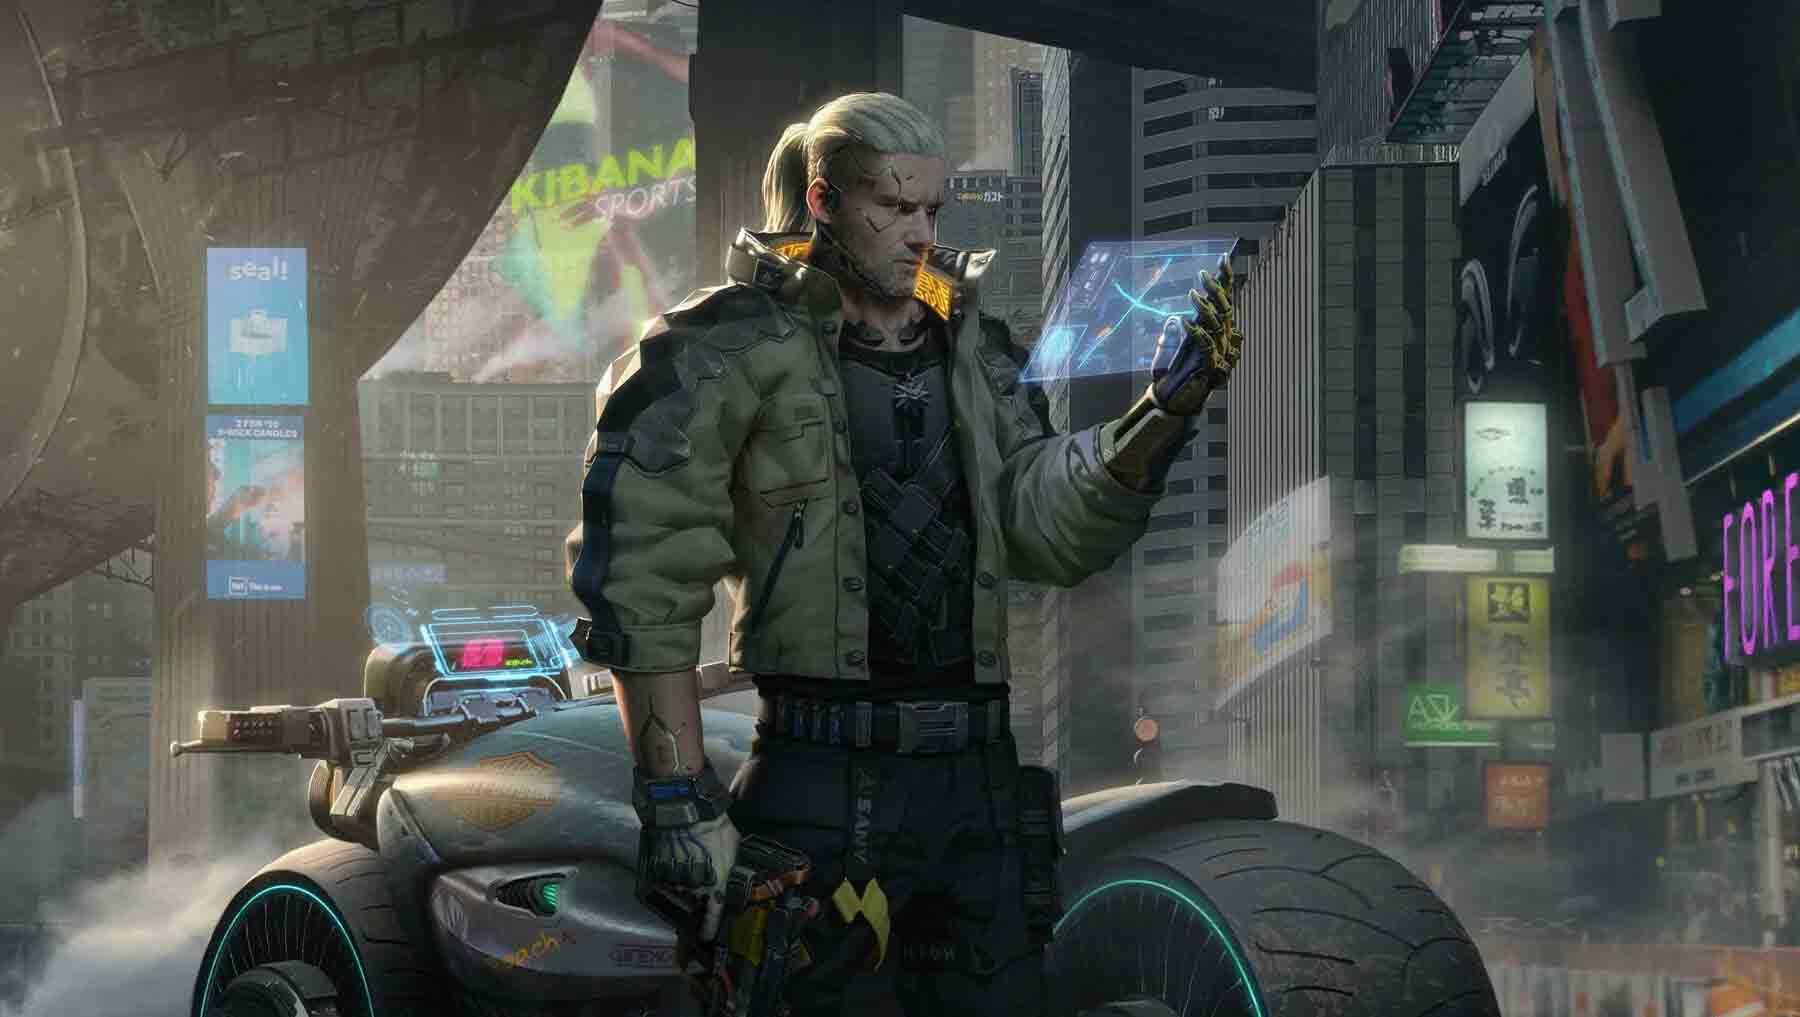 دانلود بازی Cyberpunk 2077 - دانلود بازی سایبرپانک 2077